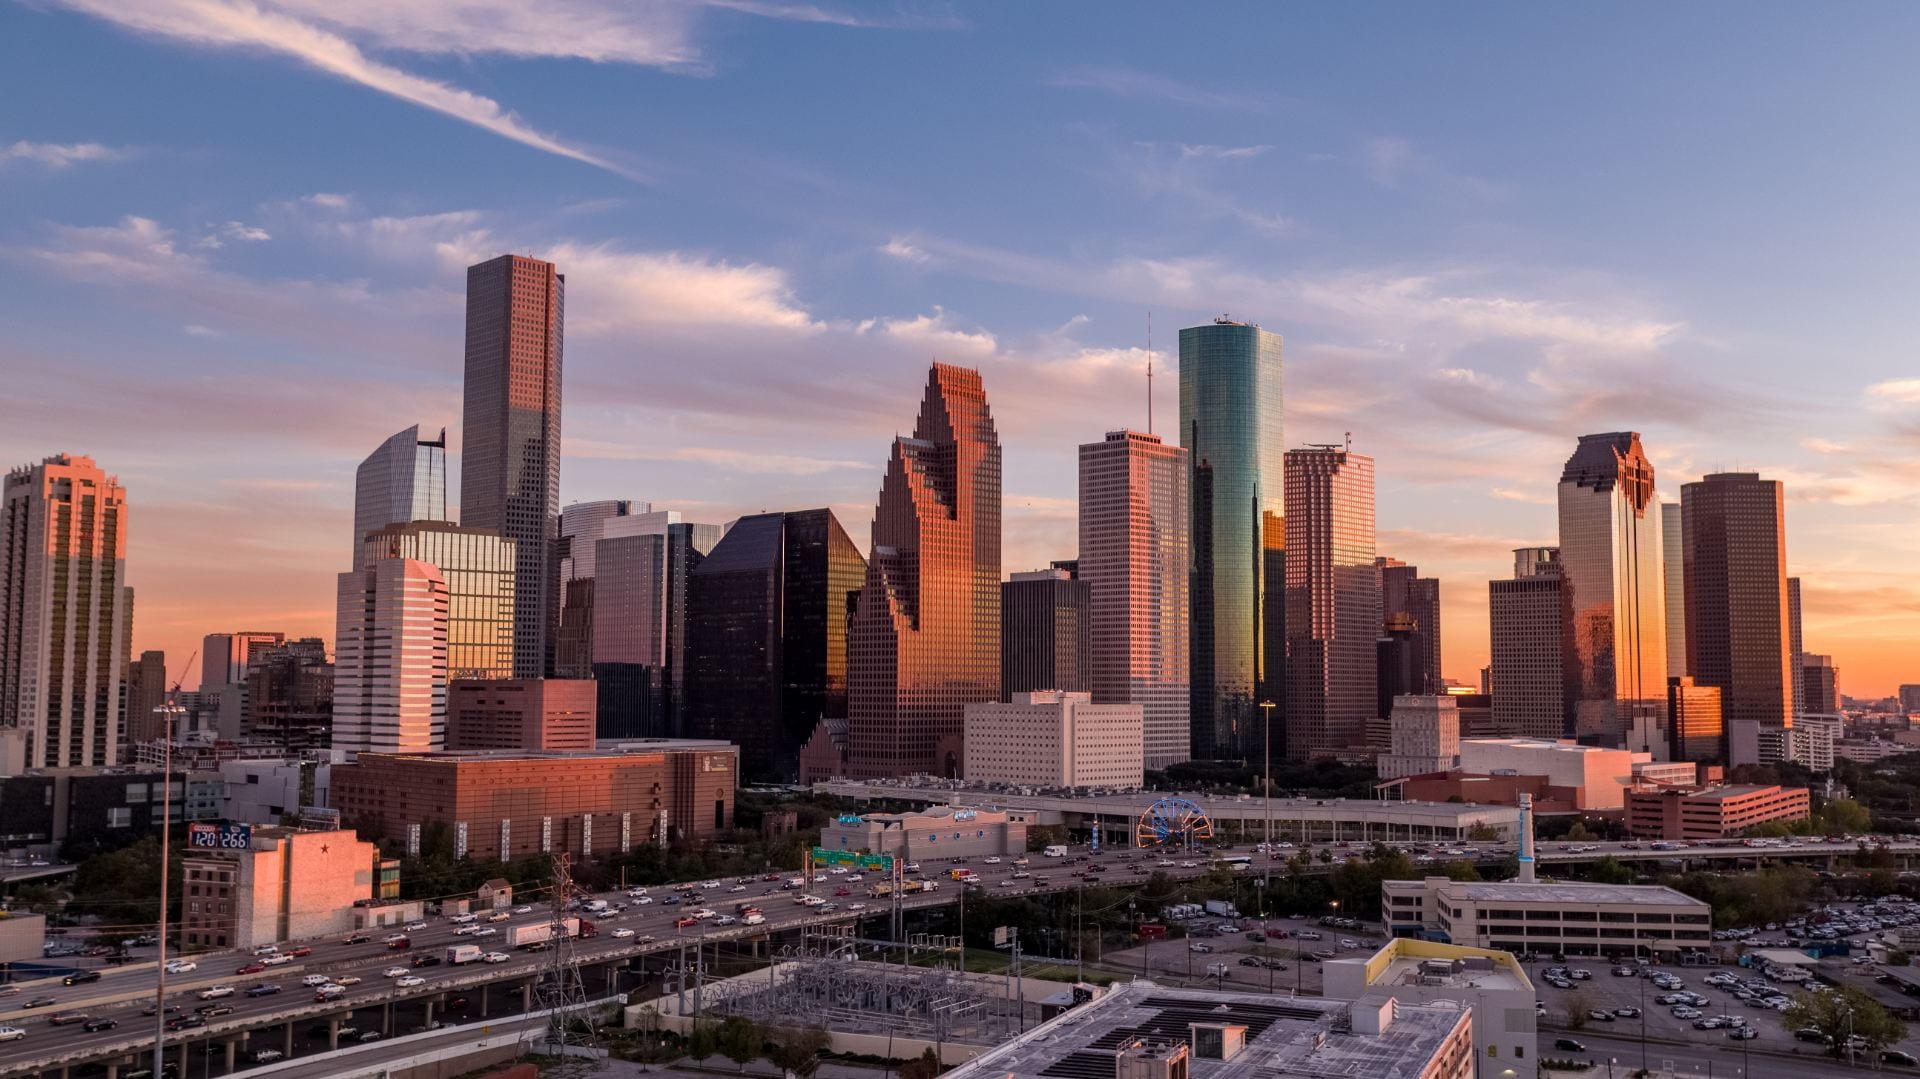 Houston Travel Guide - Bautrip